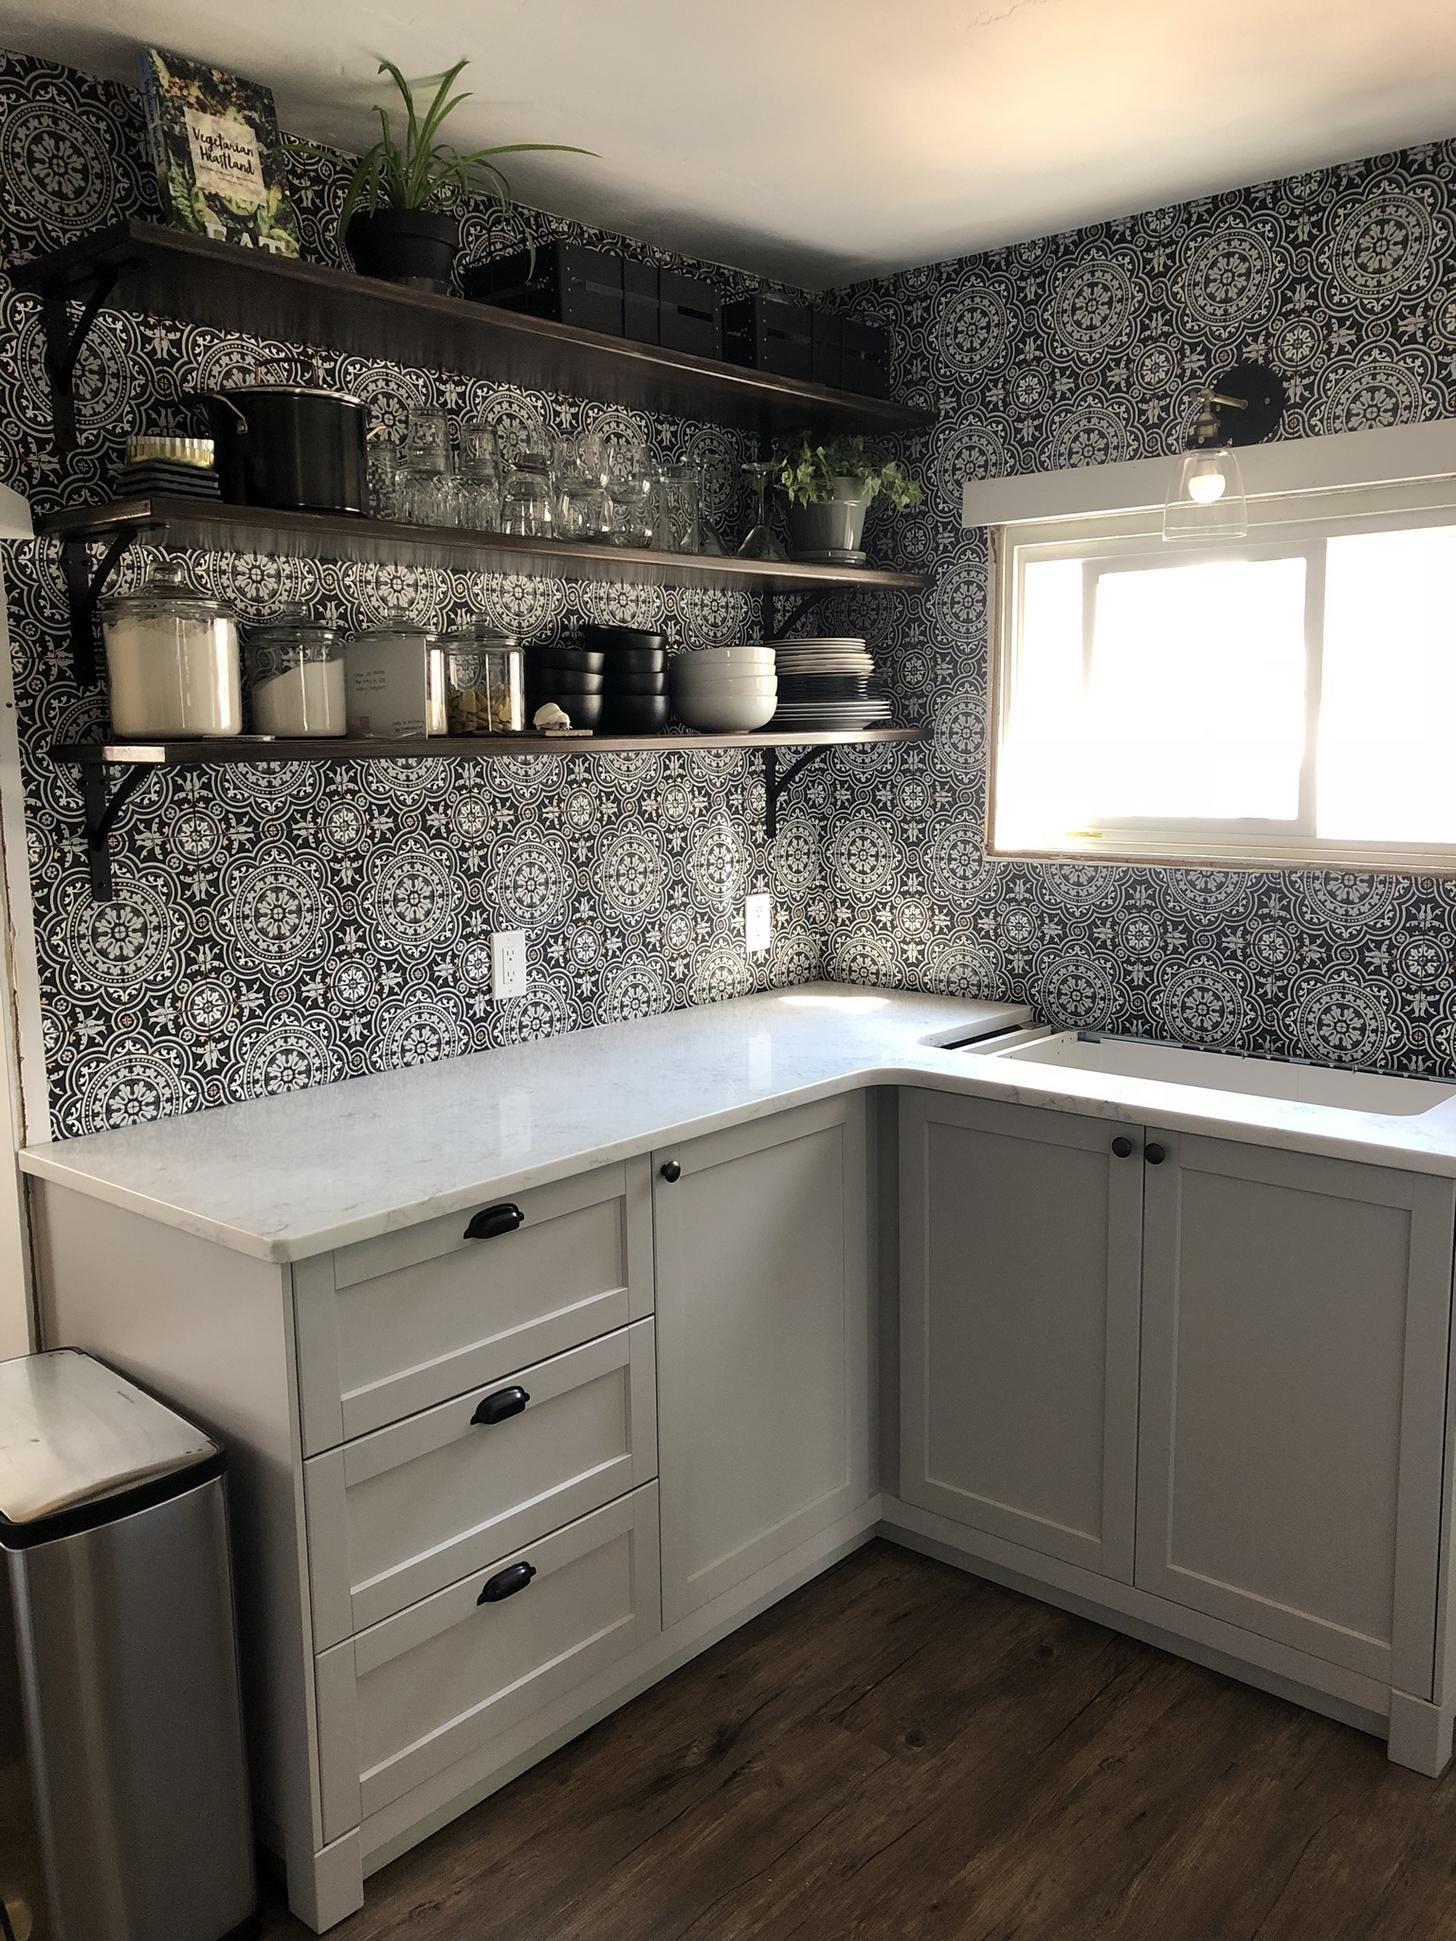 Ikea Lerhyttan Gray In 2020 Ikea Kitchen Cabinets Kitchen Ikea Kitchen